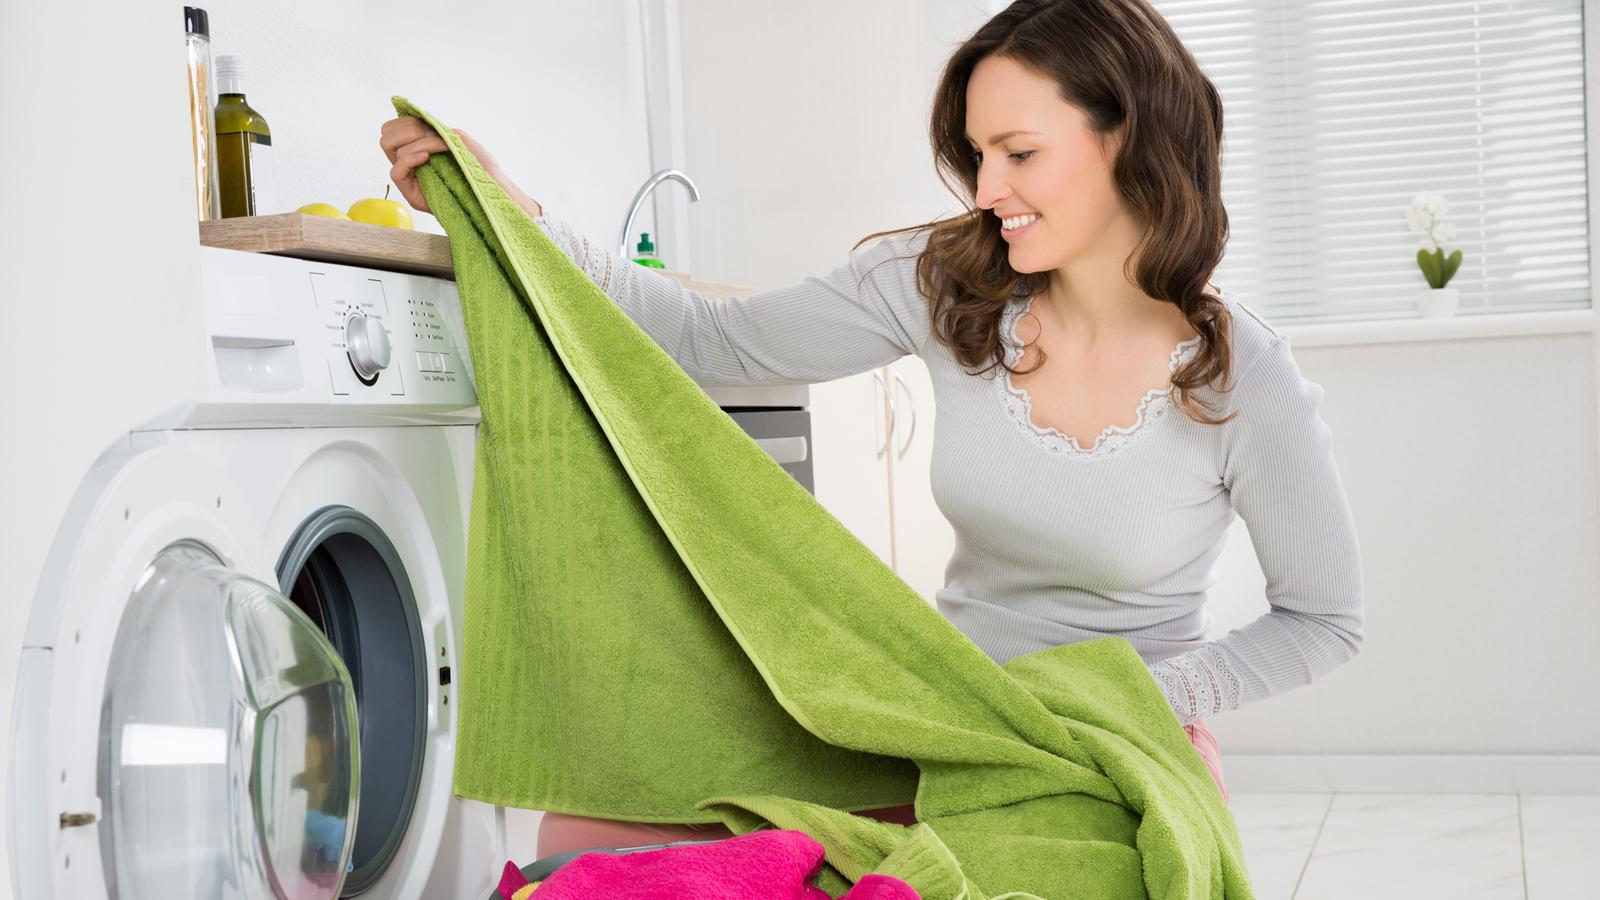 Wäschetrockner reinigen vom flusensieb bis zum wärmetauscher